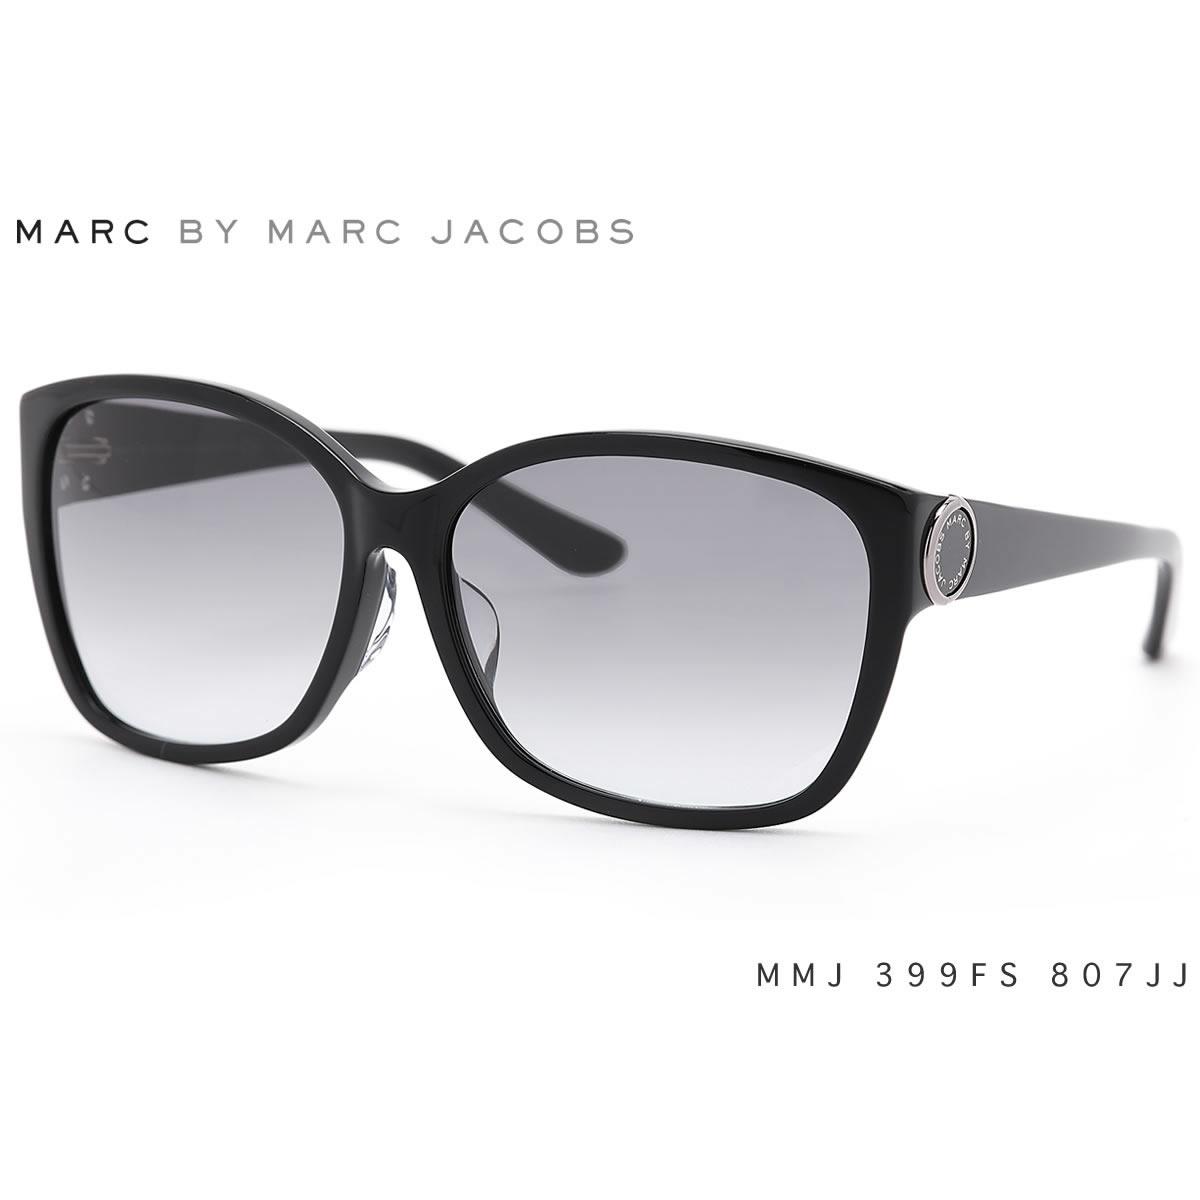 マークバイマークジェイコブス サングラス MMJ399FS 807/JJ 60サイズ MARC BY MARCJACOBS アジアンフィット レディース